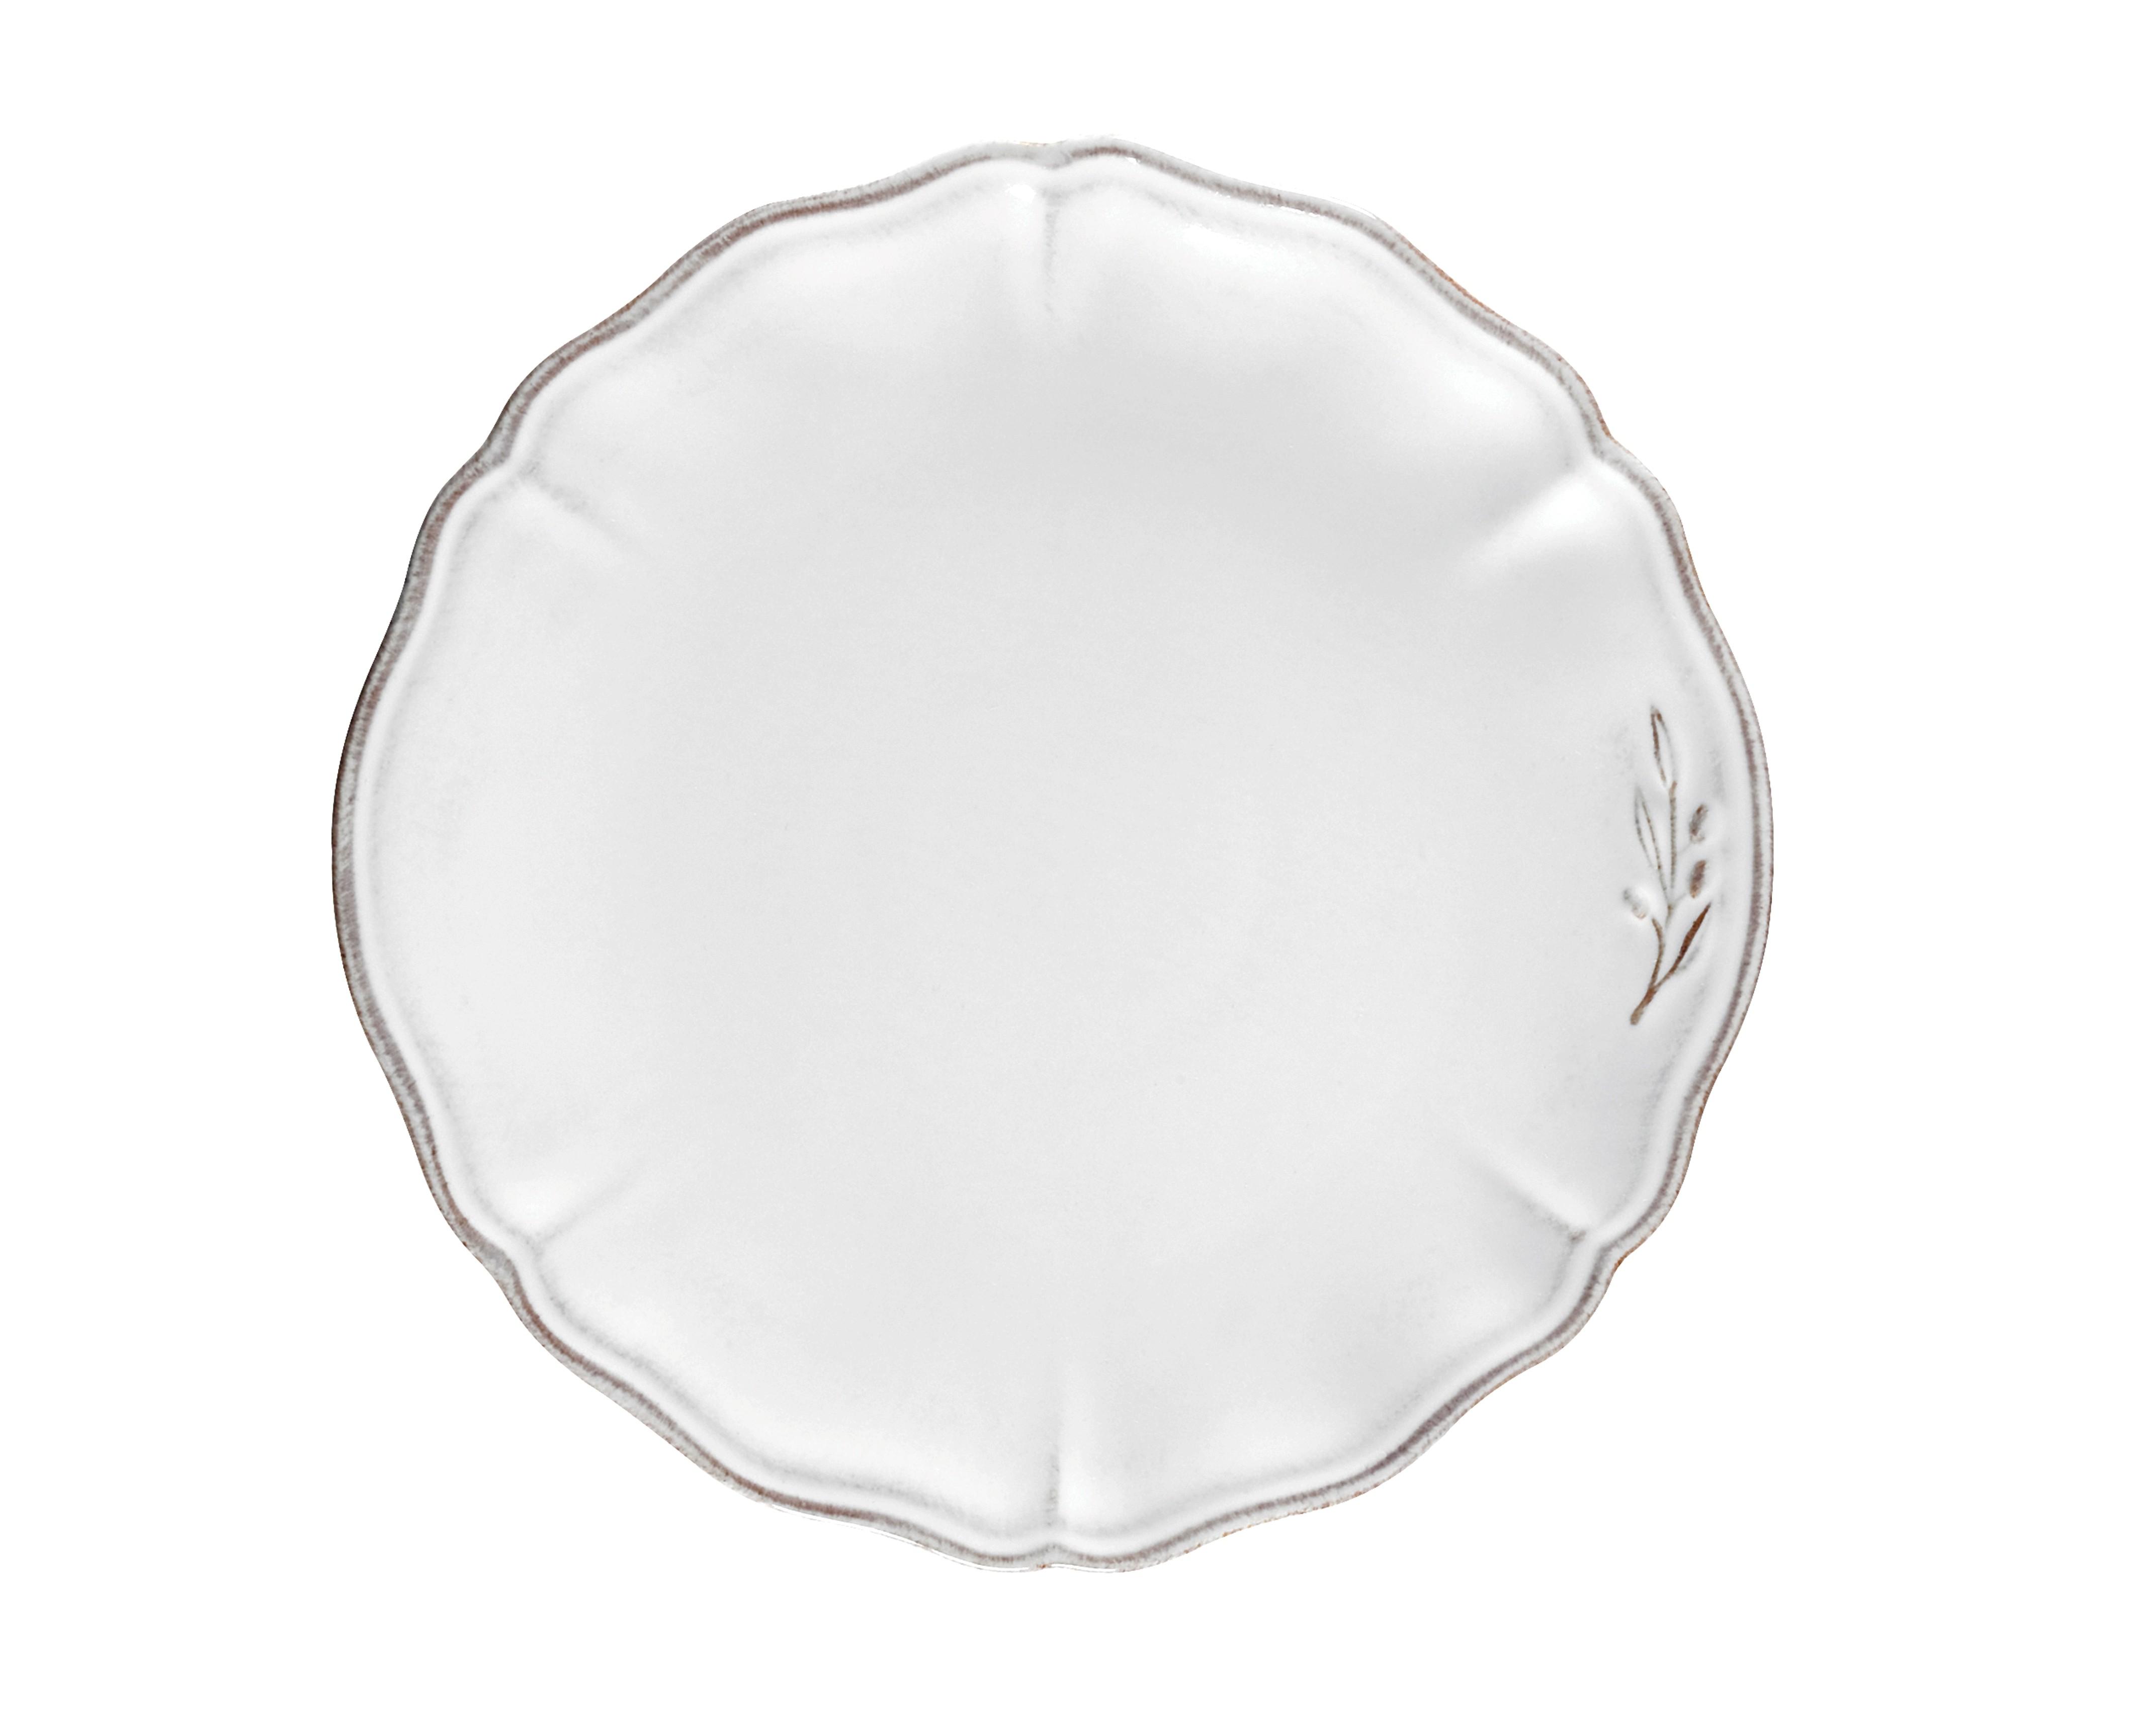 ТарелкаТарелки<br>Costa Nova (Португалия) – керамическая посуда из самого сердца Португалии. Она максимально эстетична и функциональна. Керамическая посуда Costa Nova абсолютно устойчива к мытью, даже в посудомоечной машине, ее вполне можно использовать для замораживания продуктов и в микроволновой печи, при этом можно не бояться повредить эту великолепную глазурь и свежие краски. Такую посуду легко мыть, при ее очистке можно использовать металлические губки – и все это благодаря прочному глазурованному покрытию.&amp;amp;nbsp;<br><br>Material: Керамика<br>Diameter см: 34